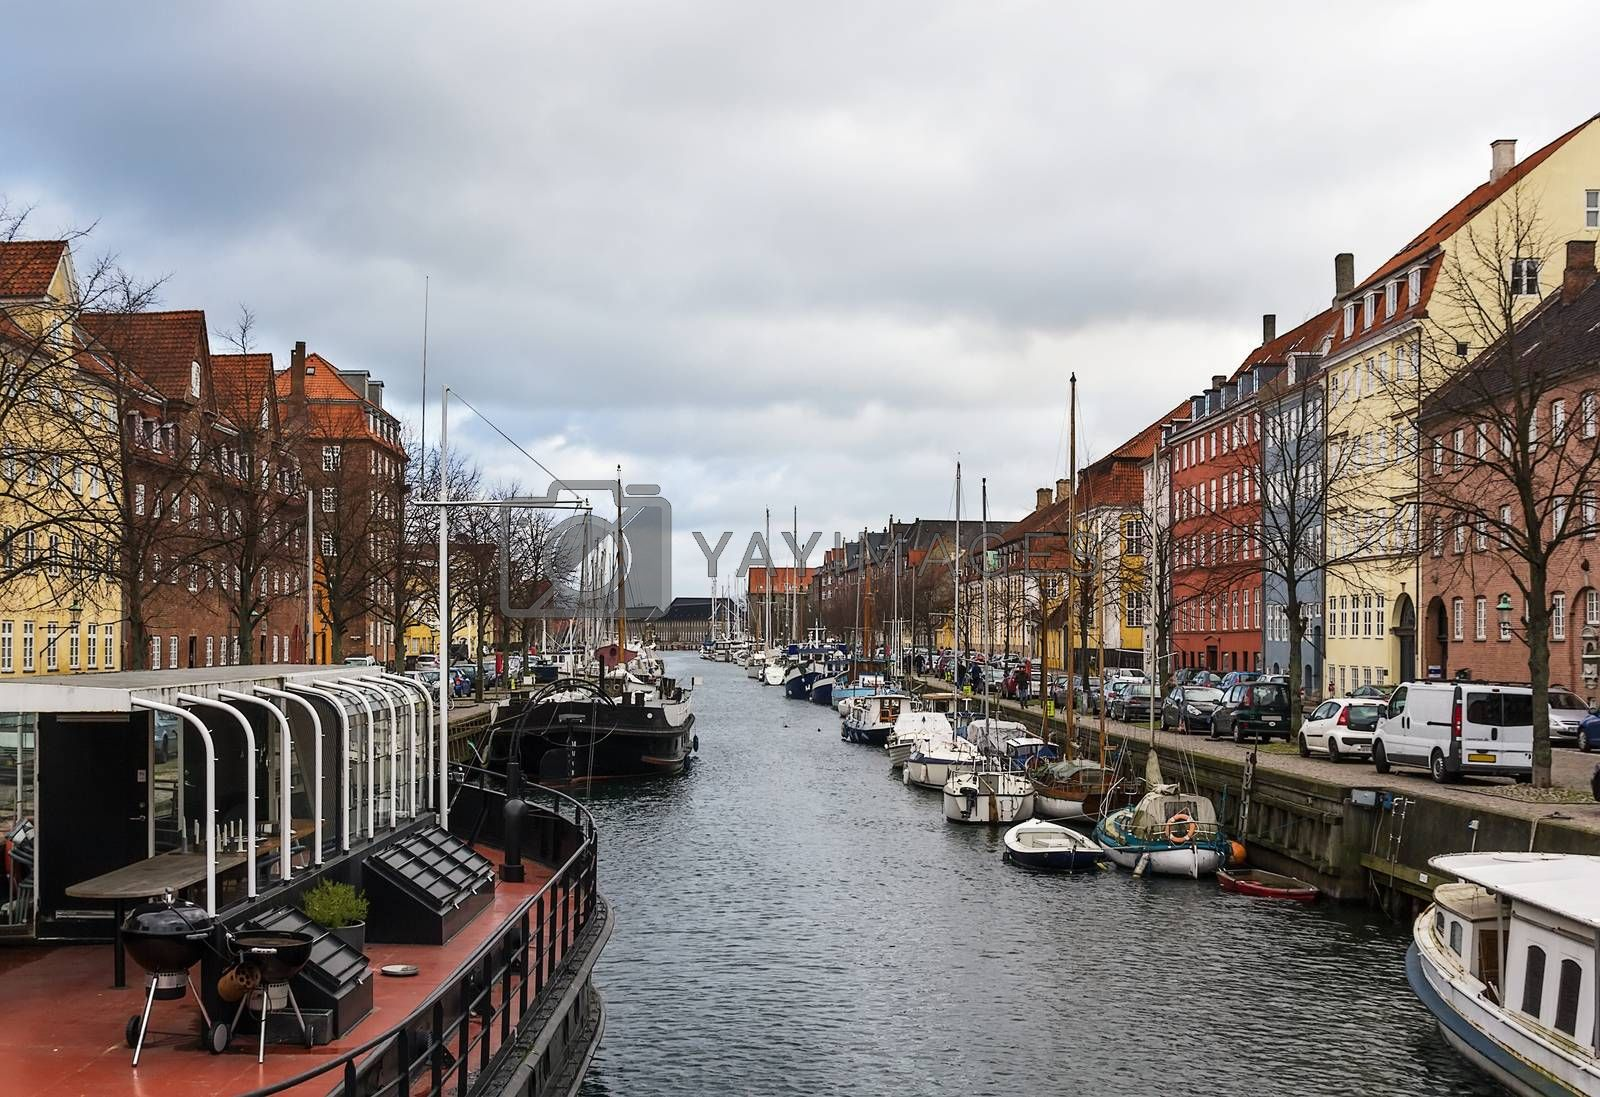 channel in Copenhagen by borisb17